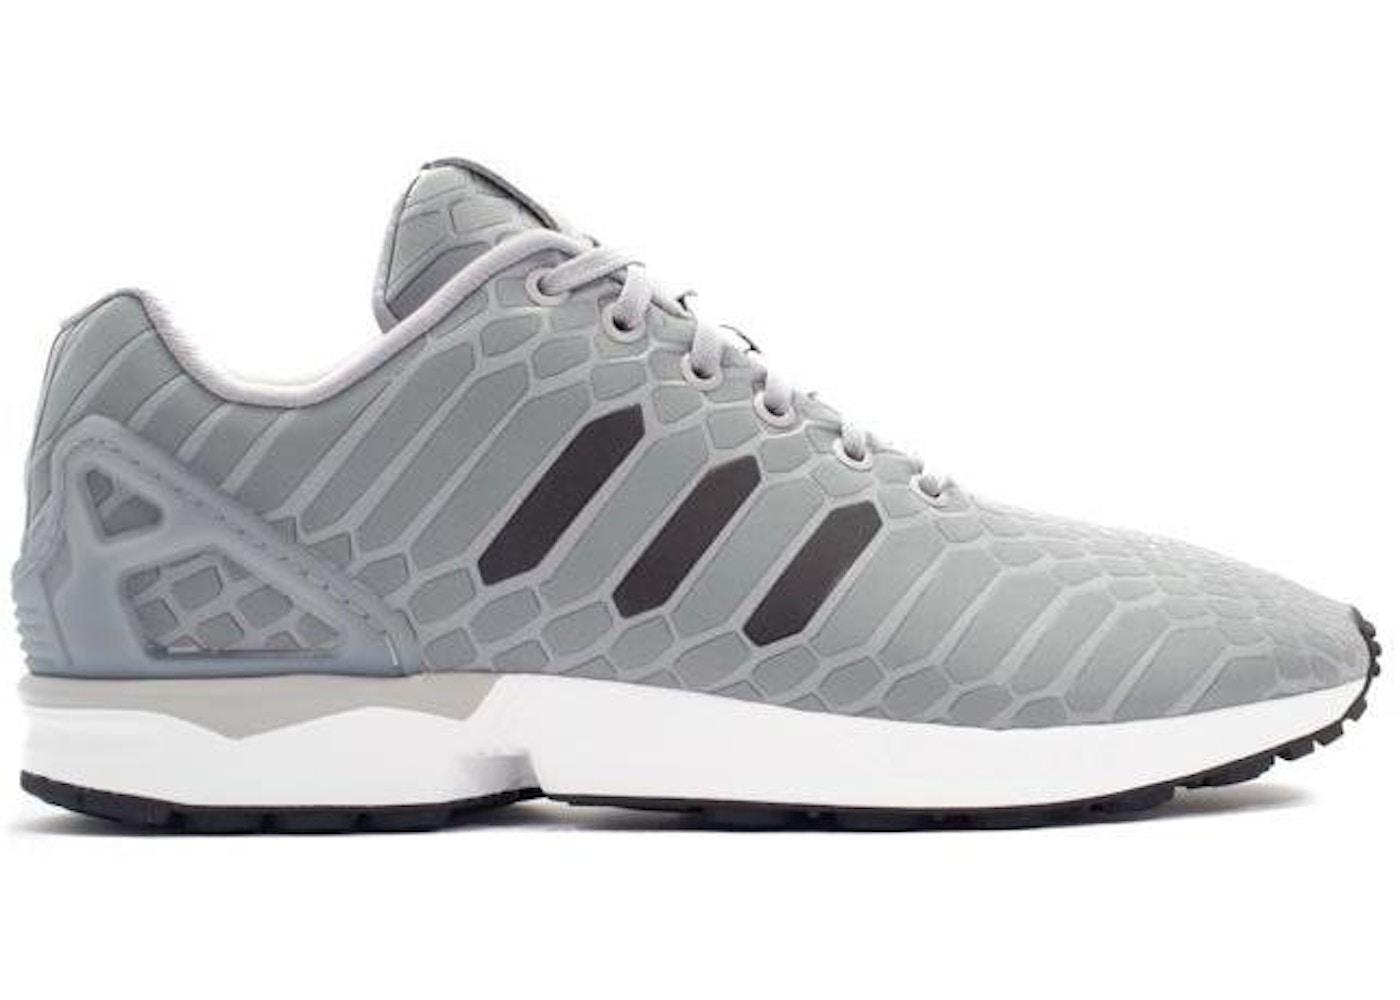 37a8248e4177a adidas ZX Flux Xeno Silver - B24442